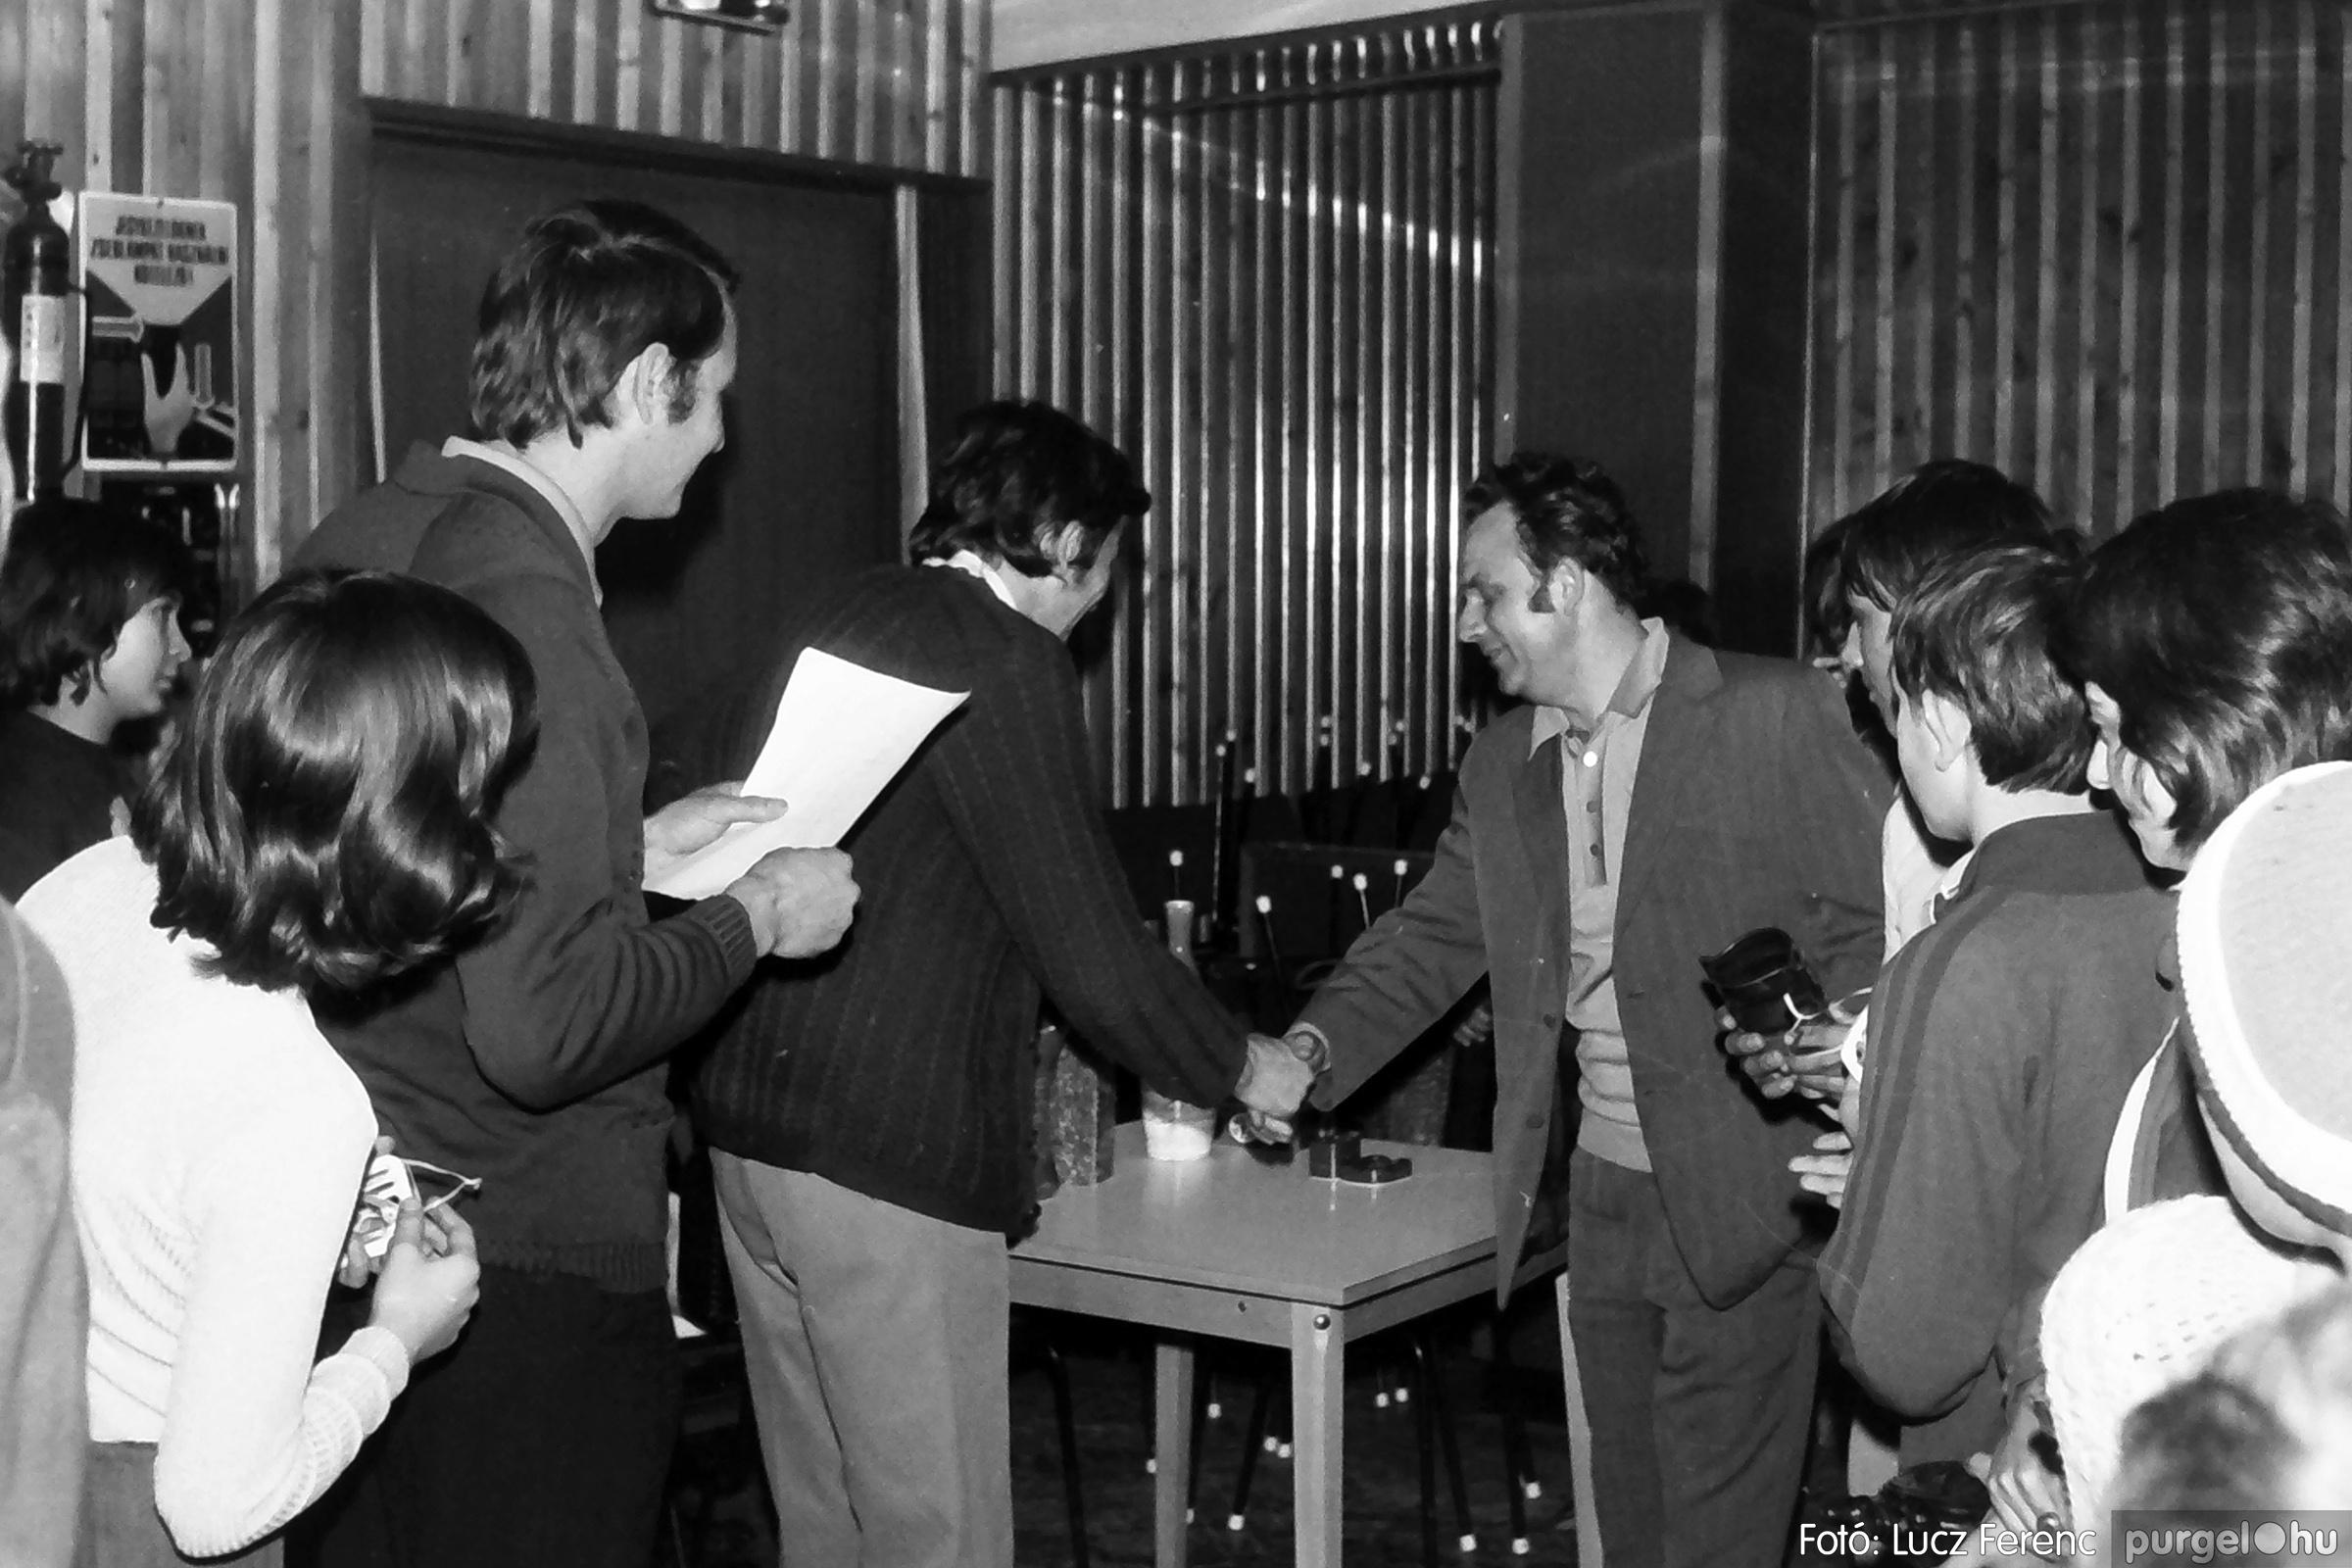 073. 1977. Asztaltenisz verseny 021. - Fotó: Lucz Ferenc.jpg